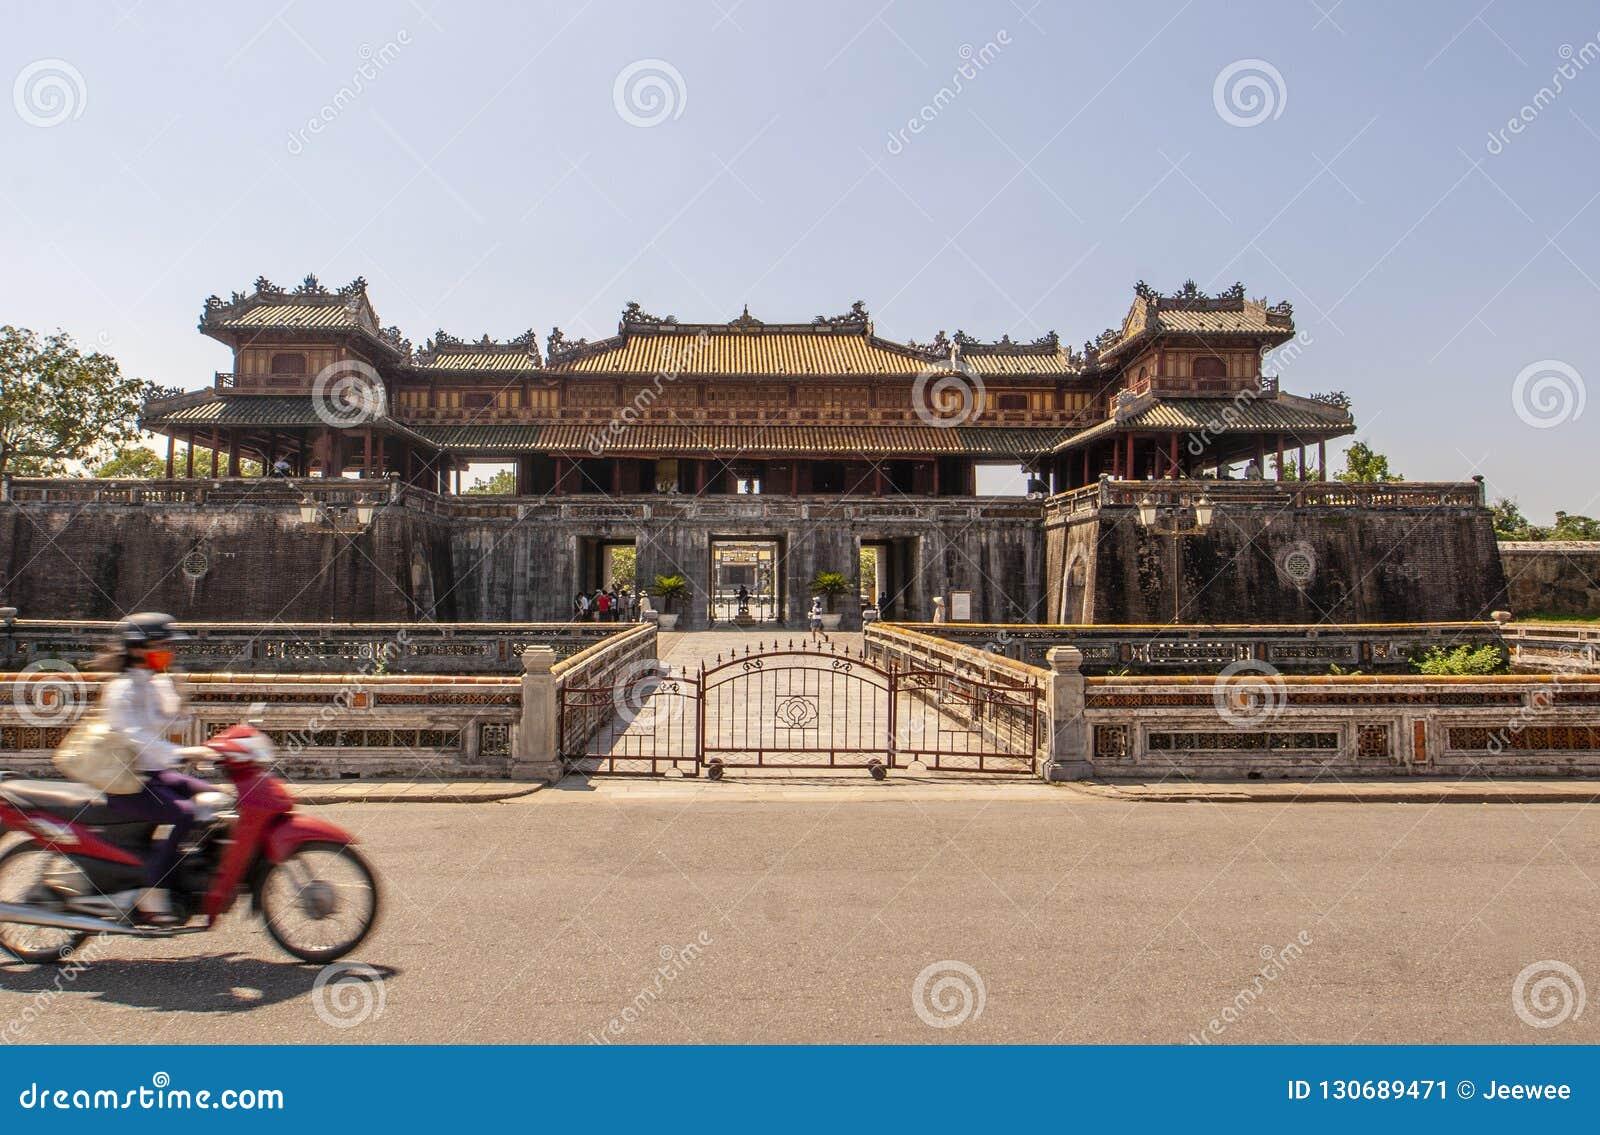 Buitenkant van Ngo Mon Gate, een deel van de Citadel in vroegere Vietnamese hoofdhuã©, Centraal Vietnam, Vietnam